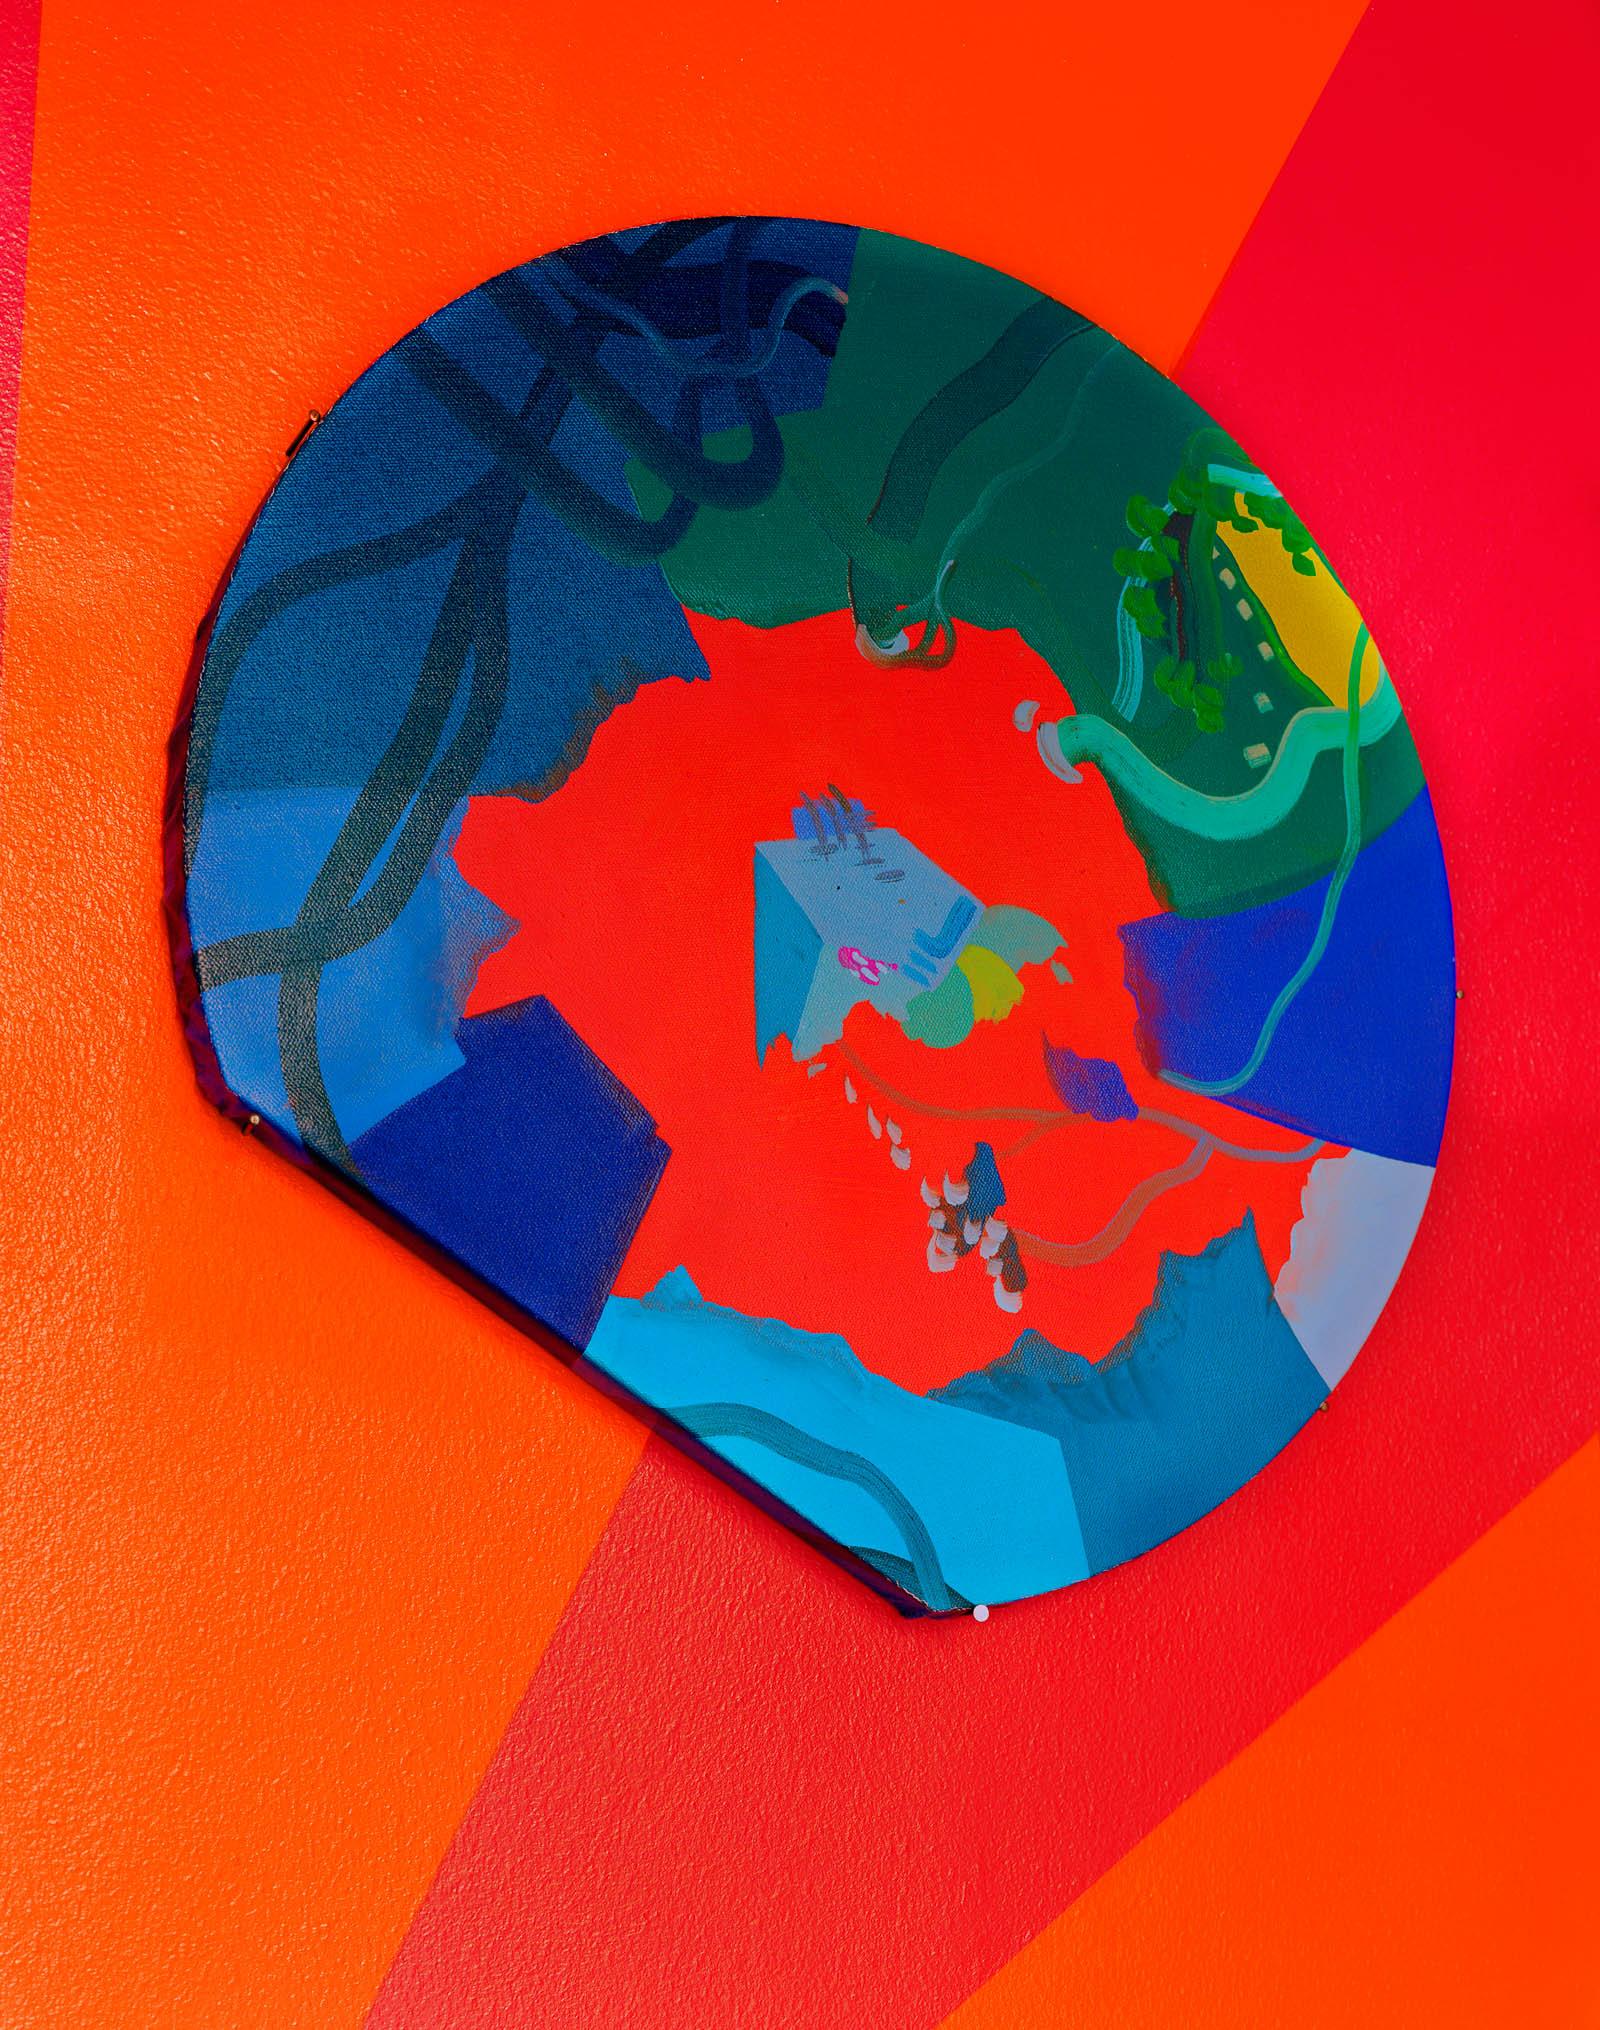 Blå och grön väggmålning på röd grund. Franz Ackermann, Travelling North, (2007).